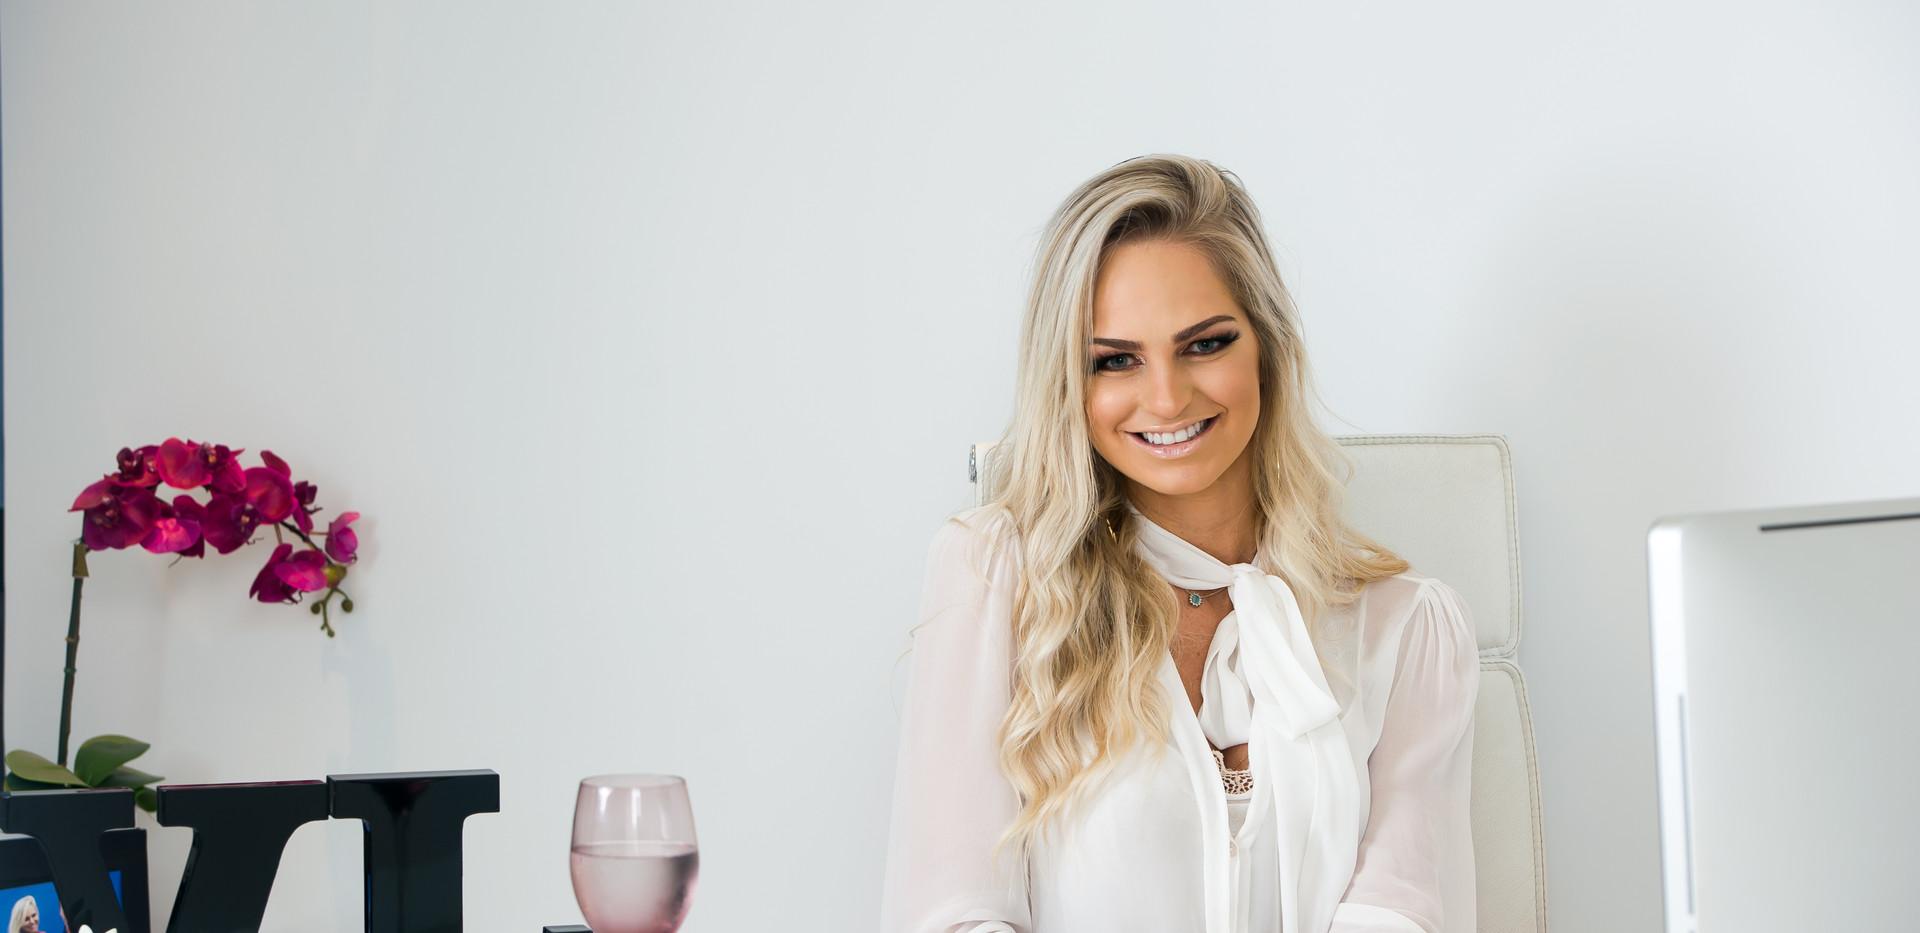 Clínica de Nutrição Vanessa Leite